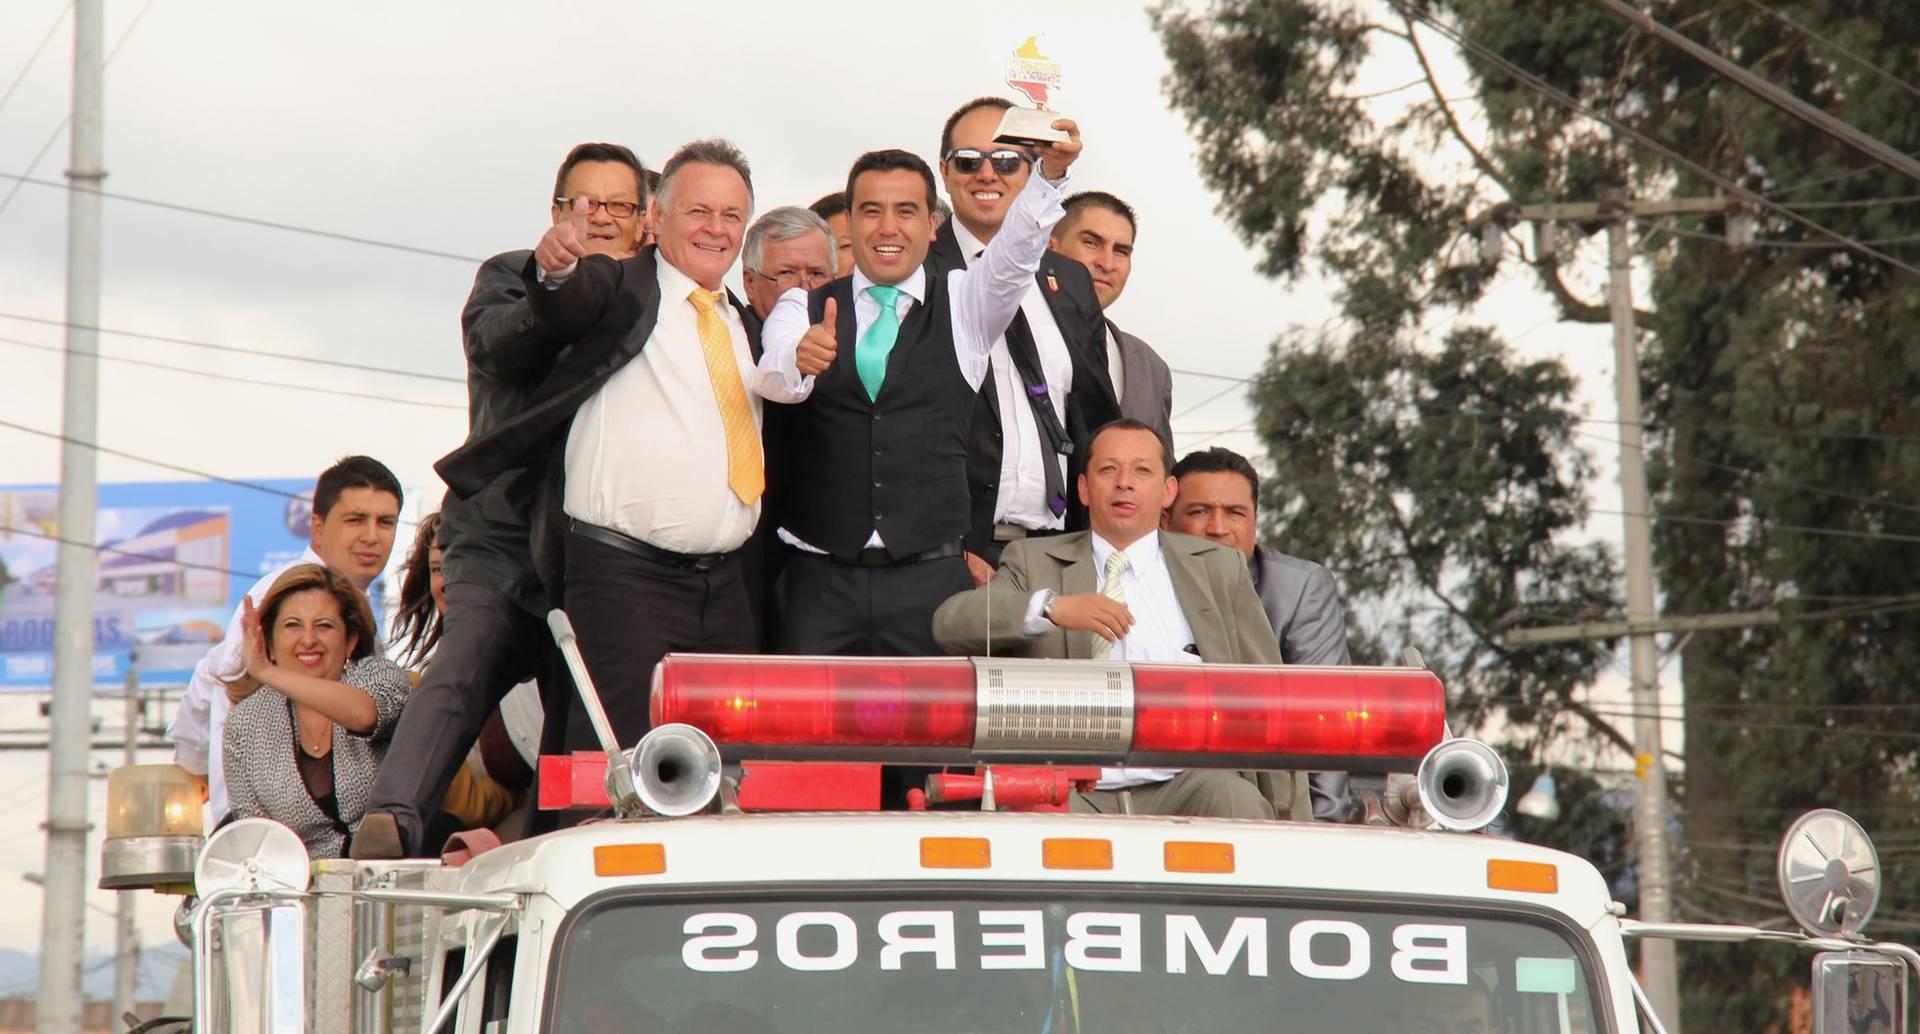 Con el trofeo en una mano, el alcalde Machuca López recorre la ciudad a bordo de un carro de bomberos. Lo acompaña un grupo de funcionarios de su administración y, detrás de él con gafas de sol, el director del Centro Cultural Bacatá de Funza, Javier Silva.